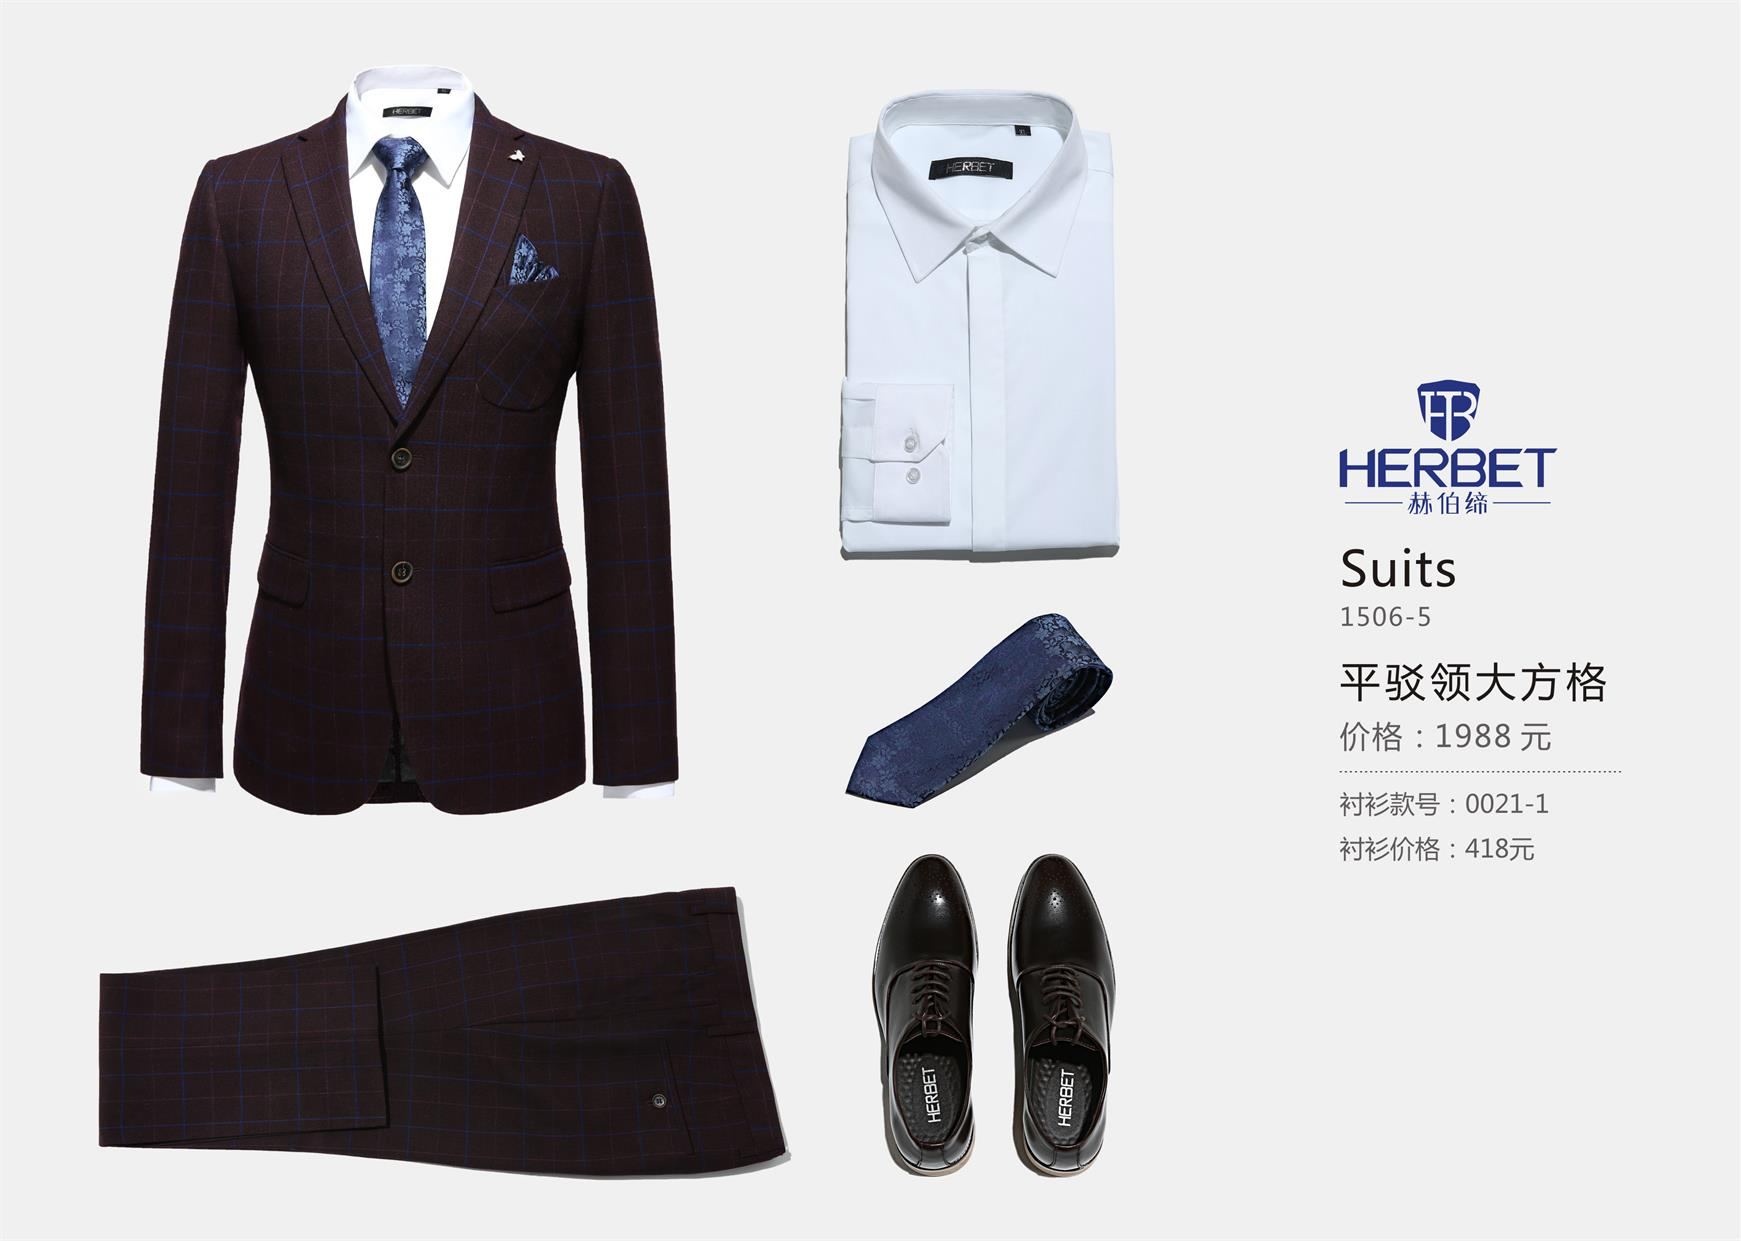 哪里有实惠的男士礼服定制 男士礼服定制价位